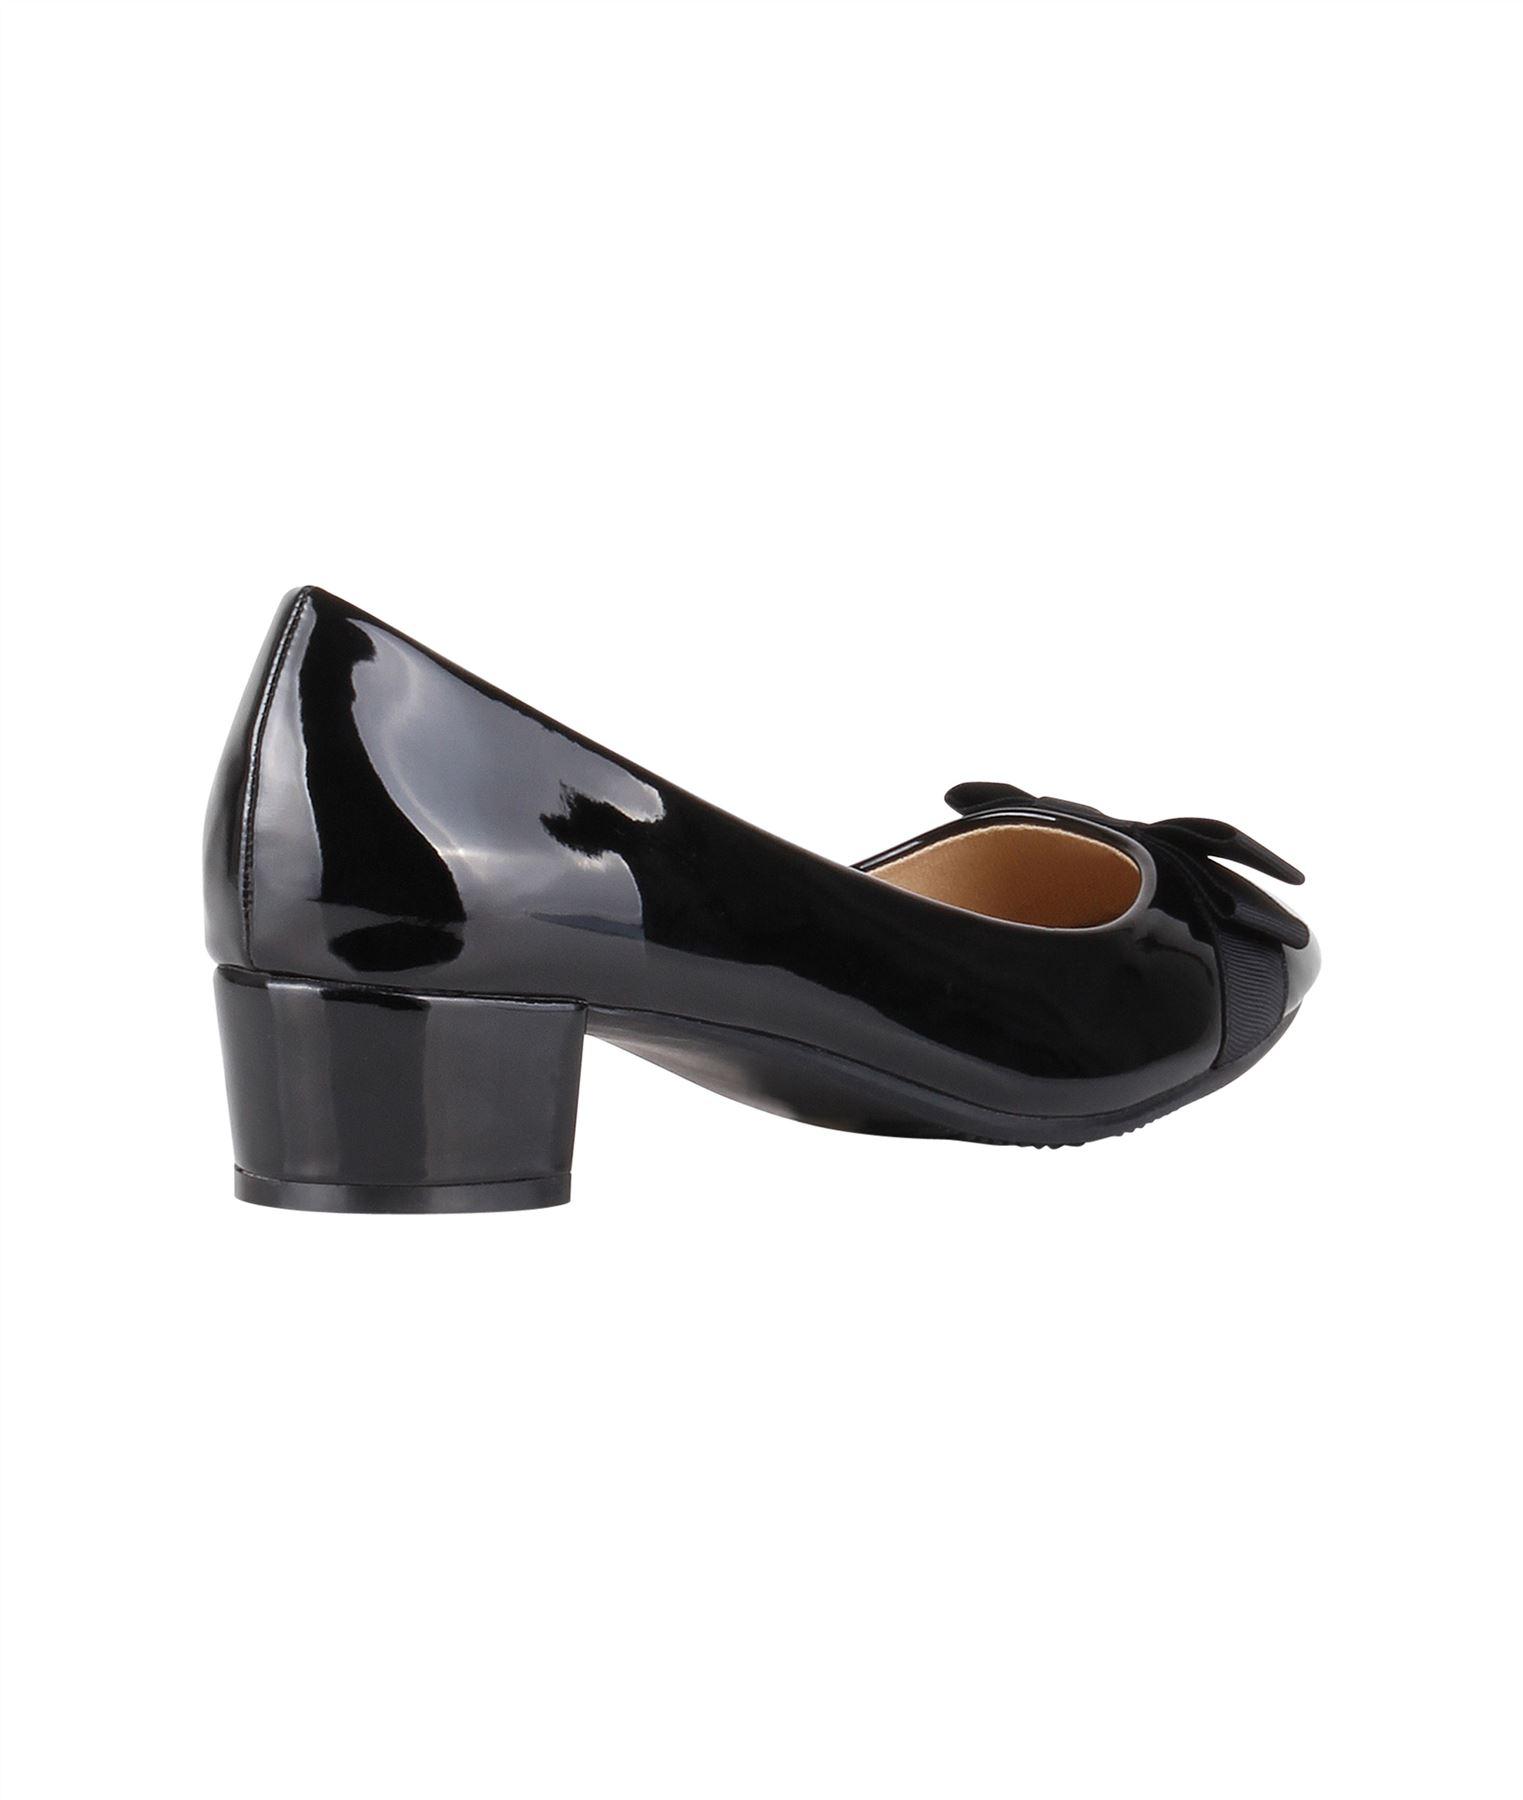 Damen-Elegante-Absatzschuhe-Hochlganz-Pumps-Blockabsatz-Ballerina-Schuhe-Chic Indexbild 25